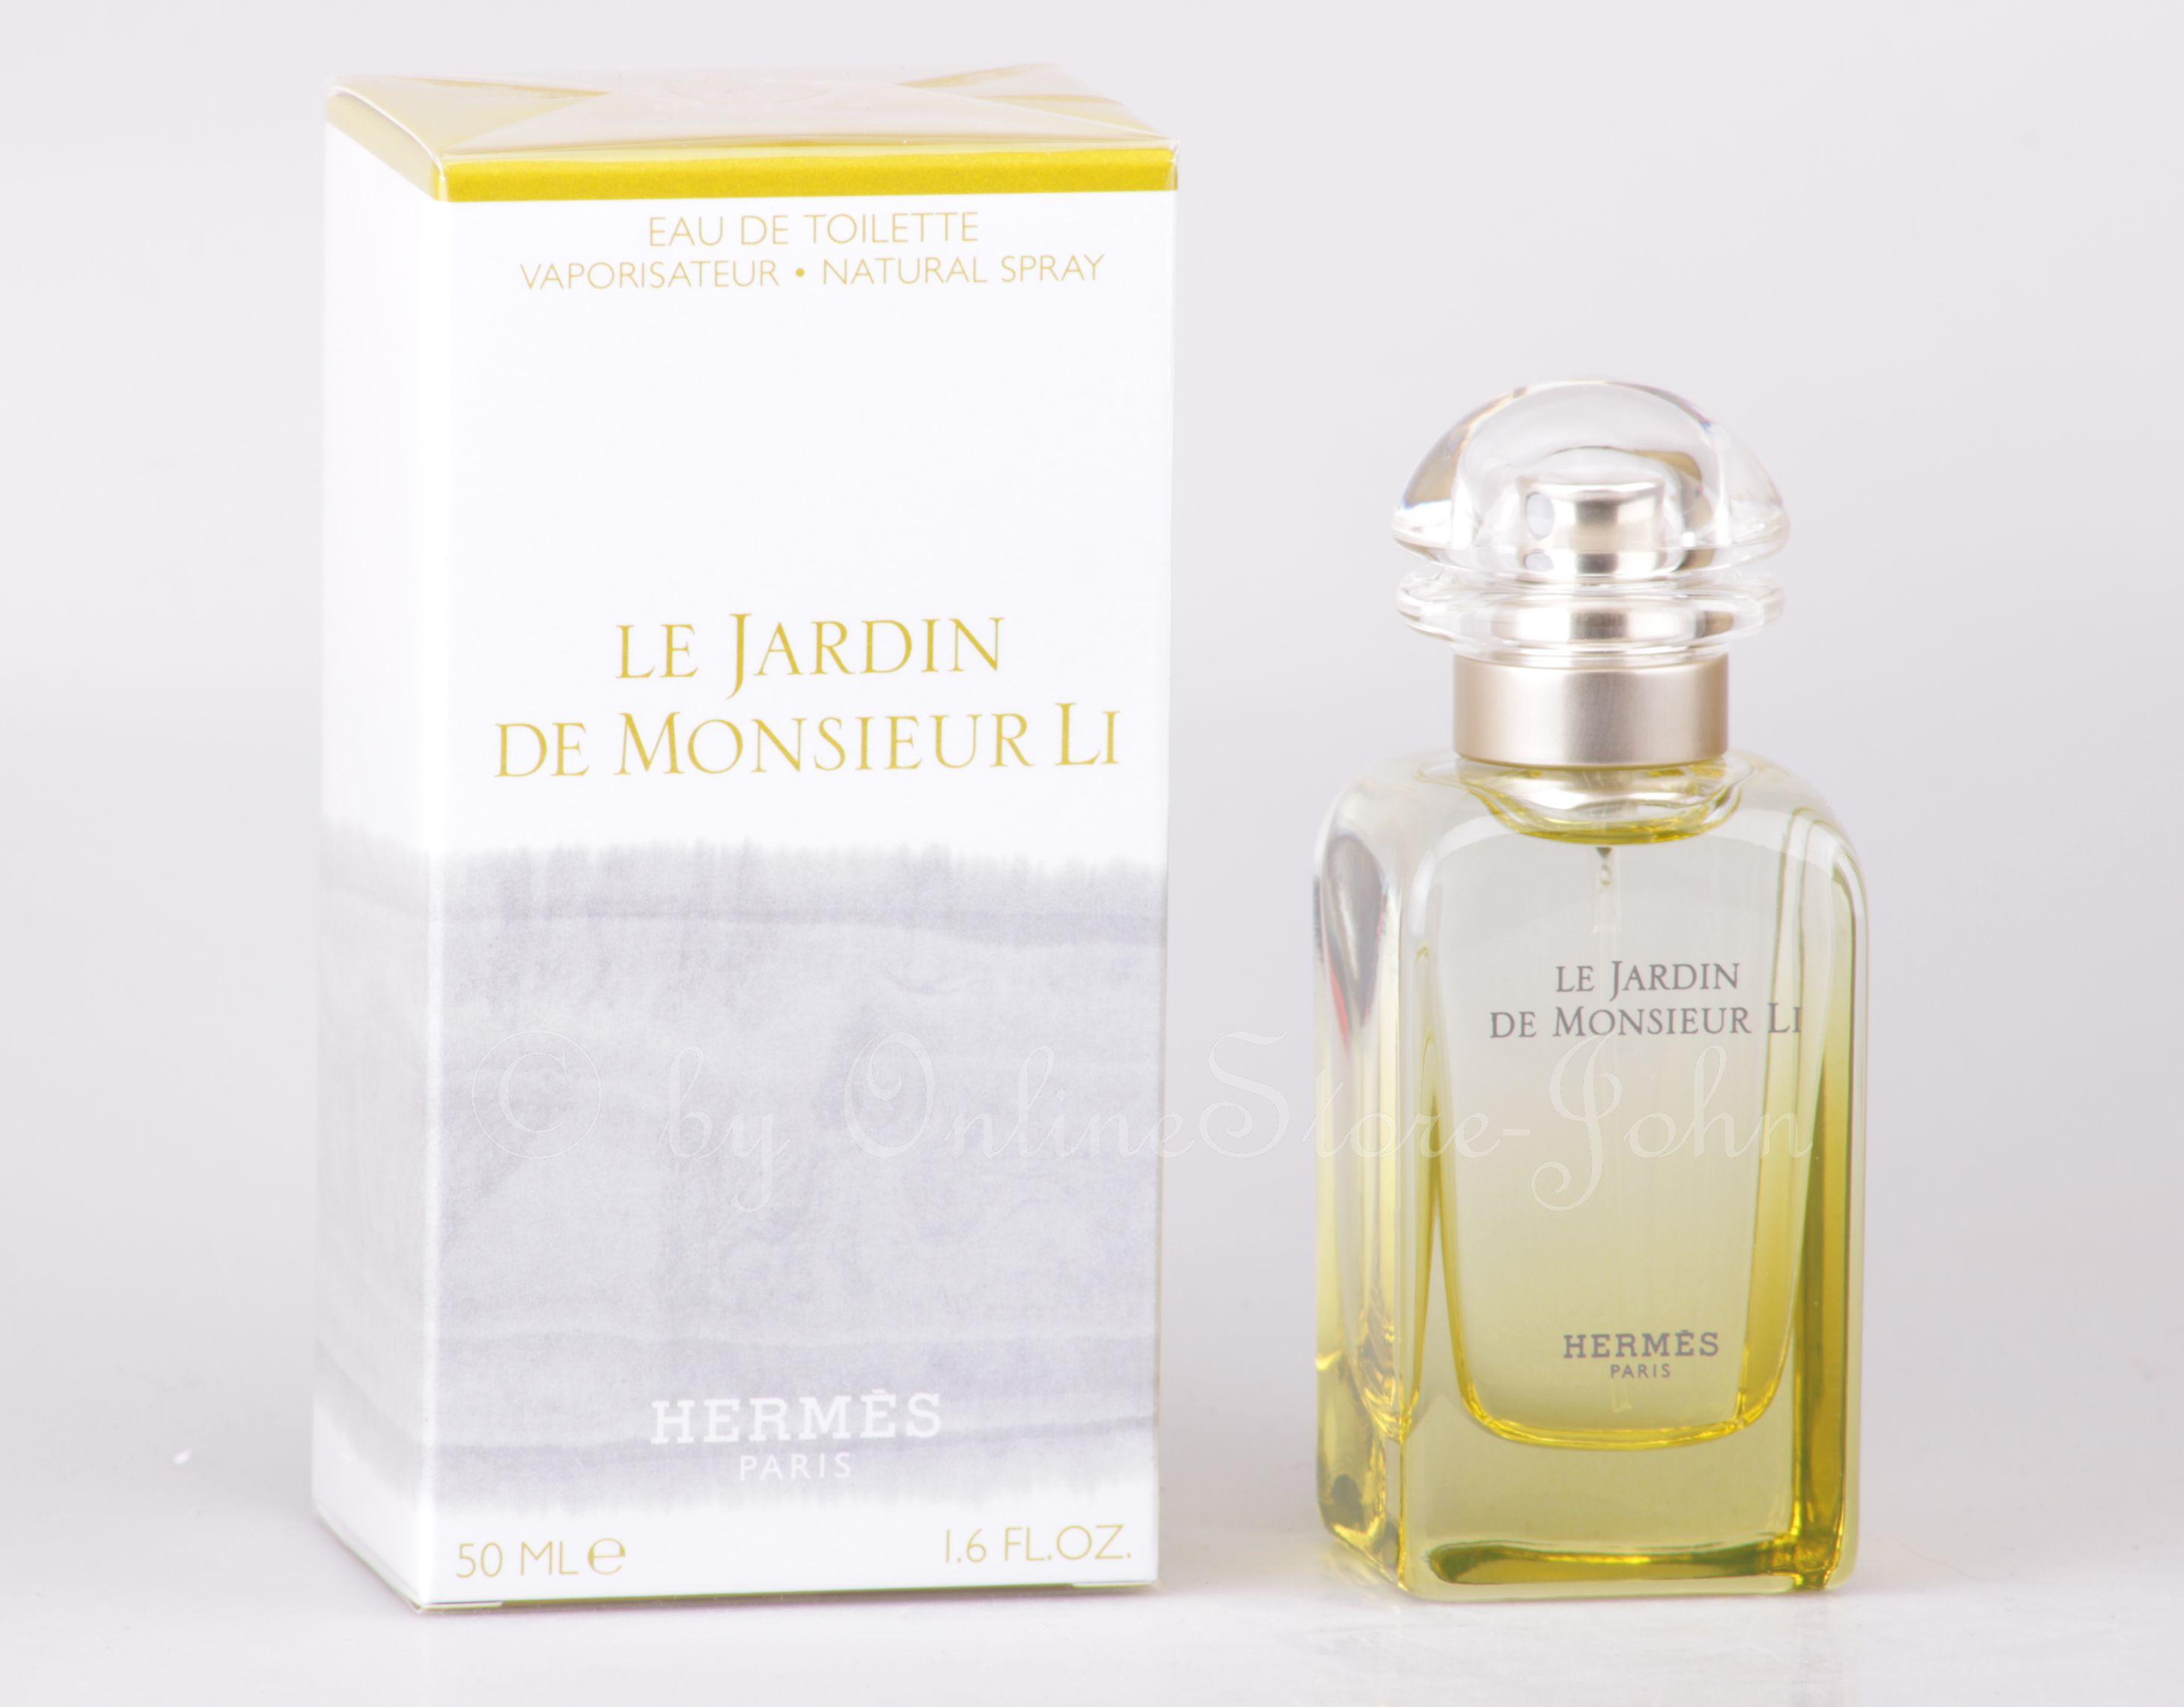 Hermes le jardin de monsieur li 50ml edt eau de toilette for Jardin hermes